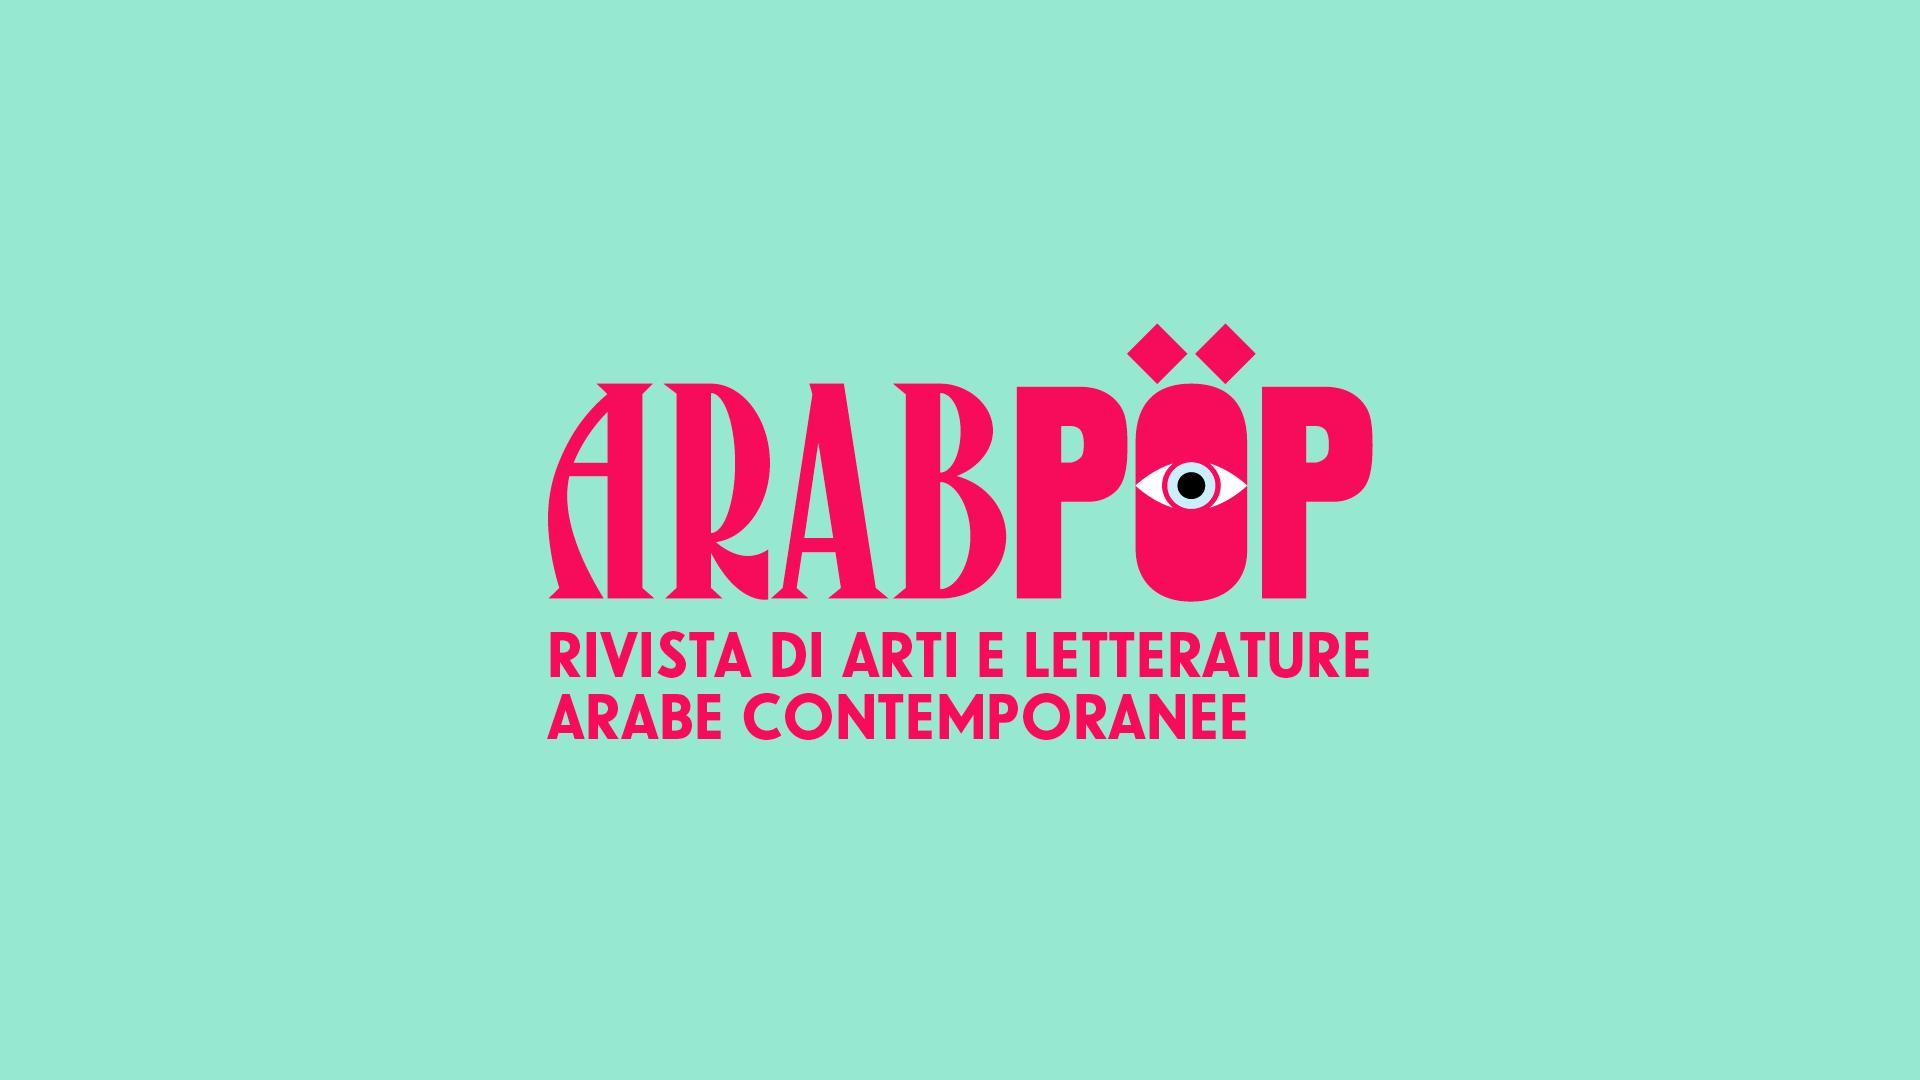 Arabpop. Rivista di arti e letterature arabe contemporanee